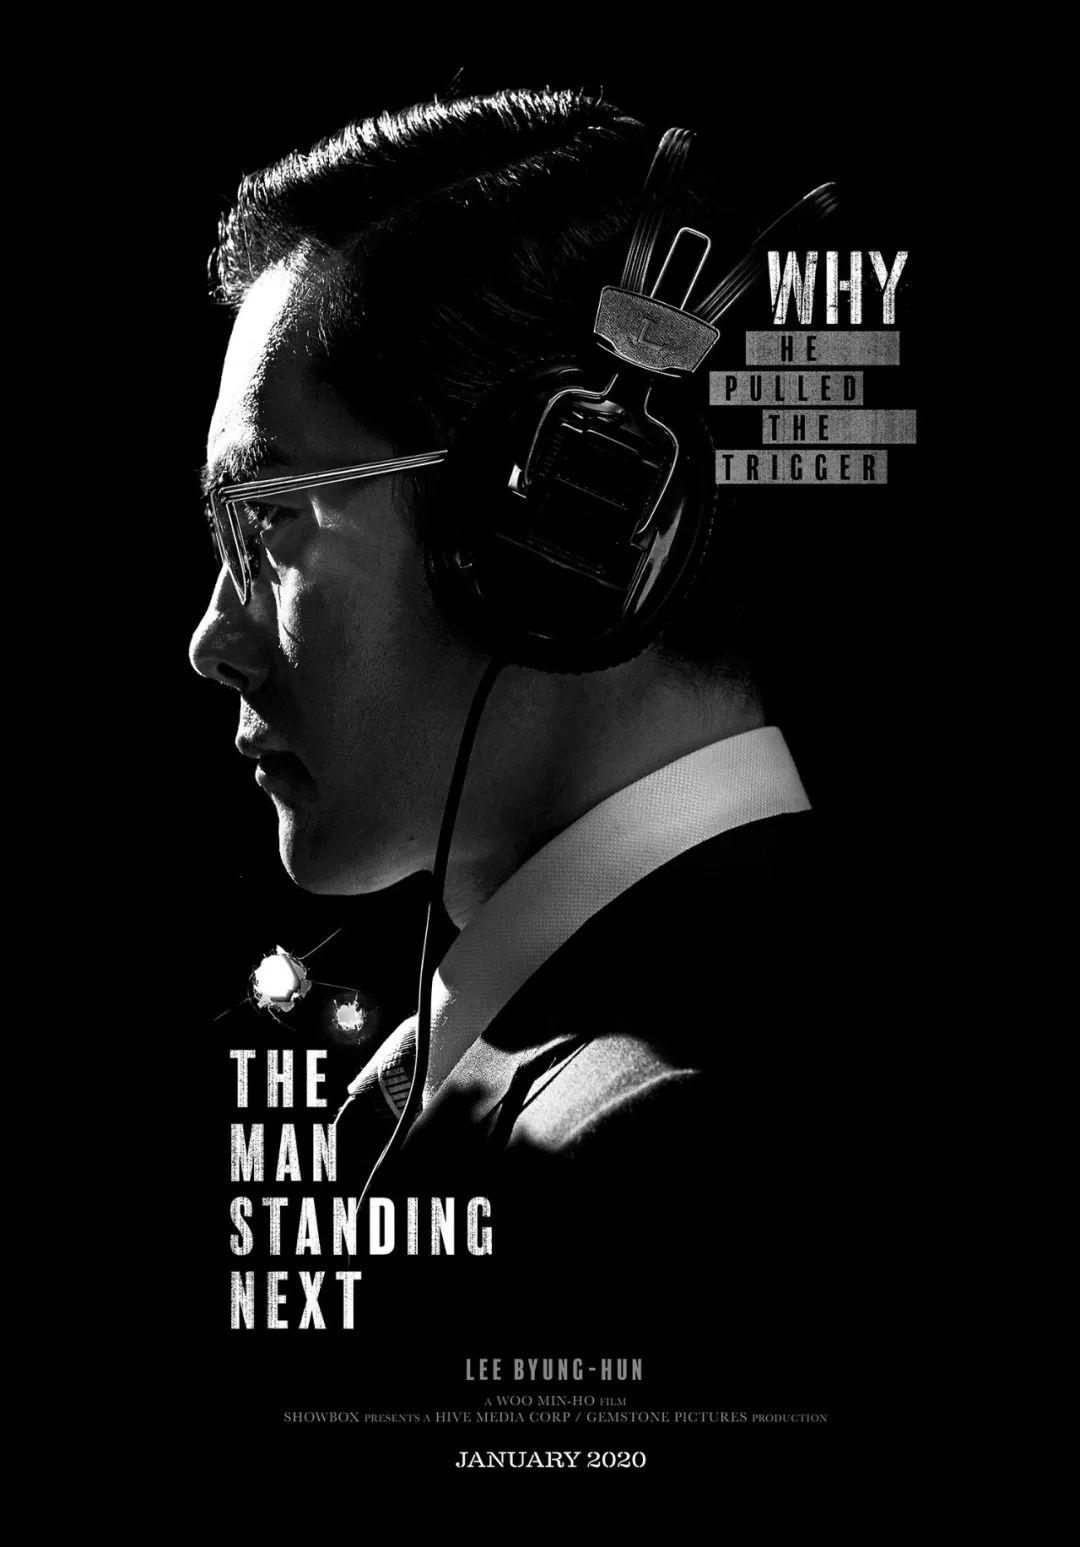 韩国设计师Park siyoung电影海报作品集